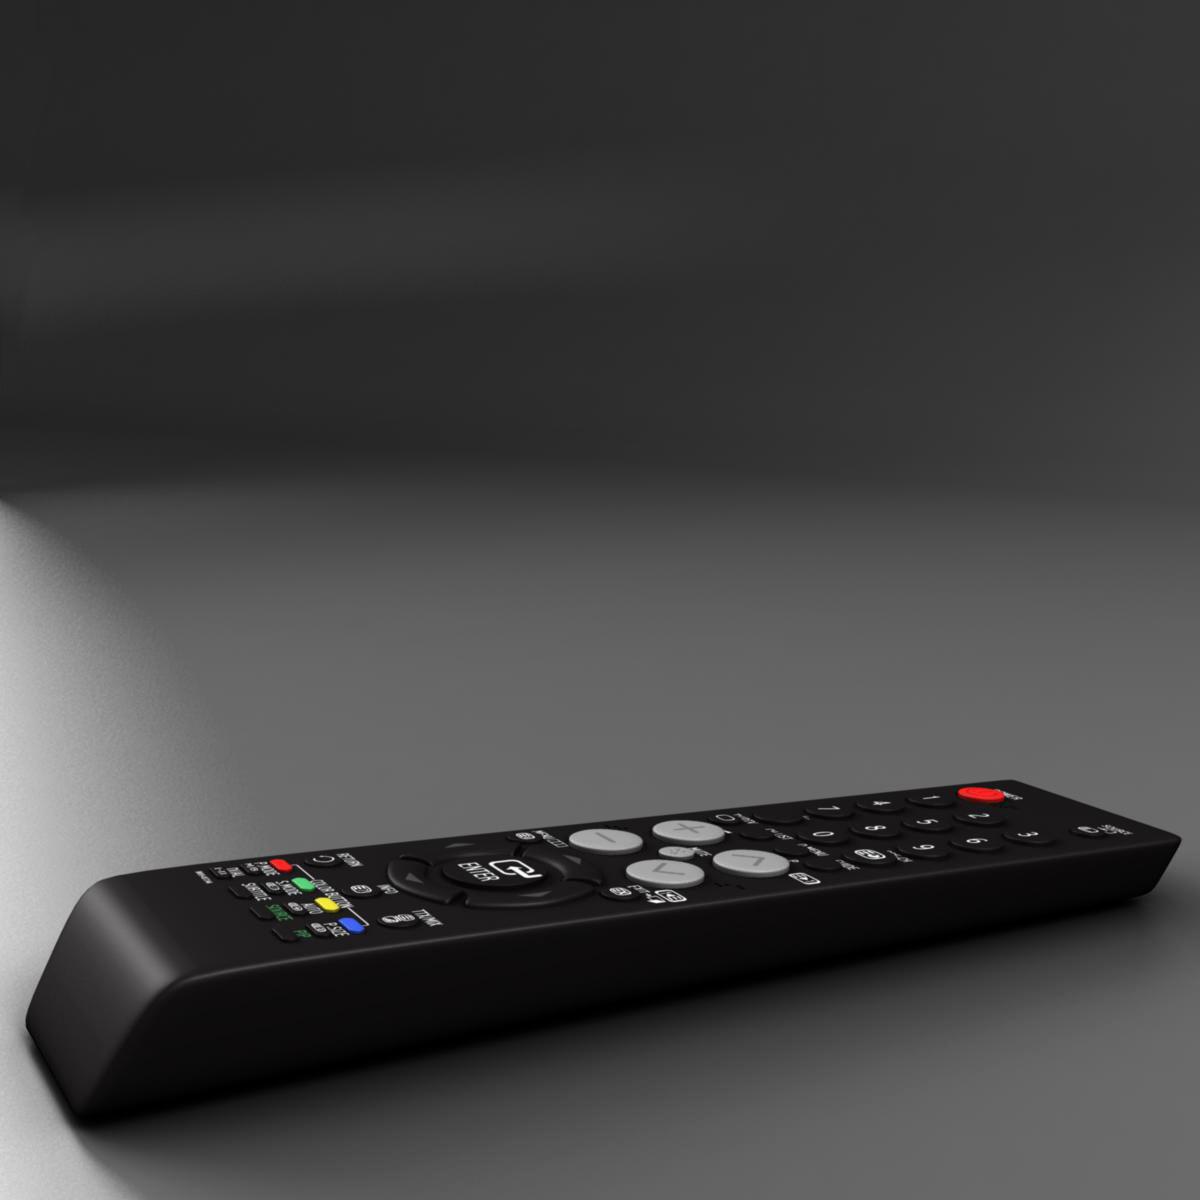 tft remote control 3d model 3ds max fbx ma mb obj 155953